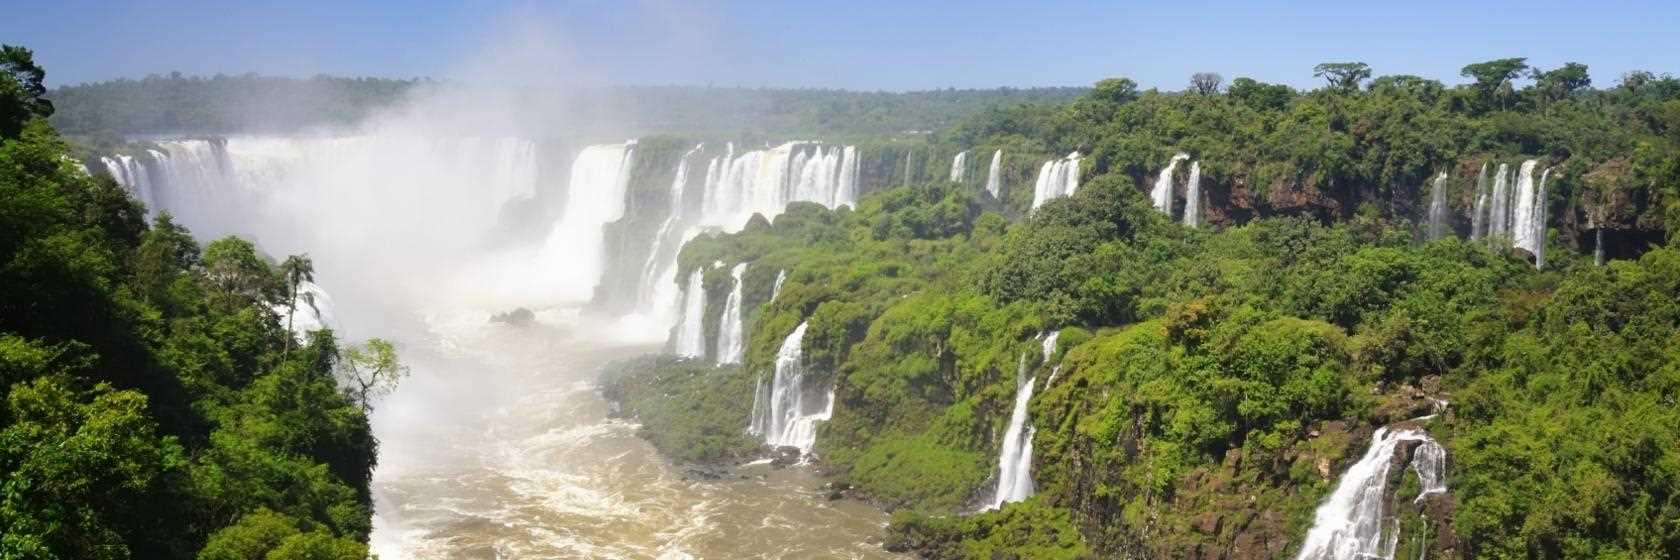 [Hotéis e Pousadas em Foz do Iguaçu PR]